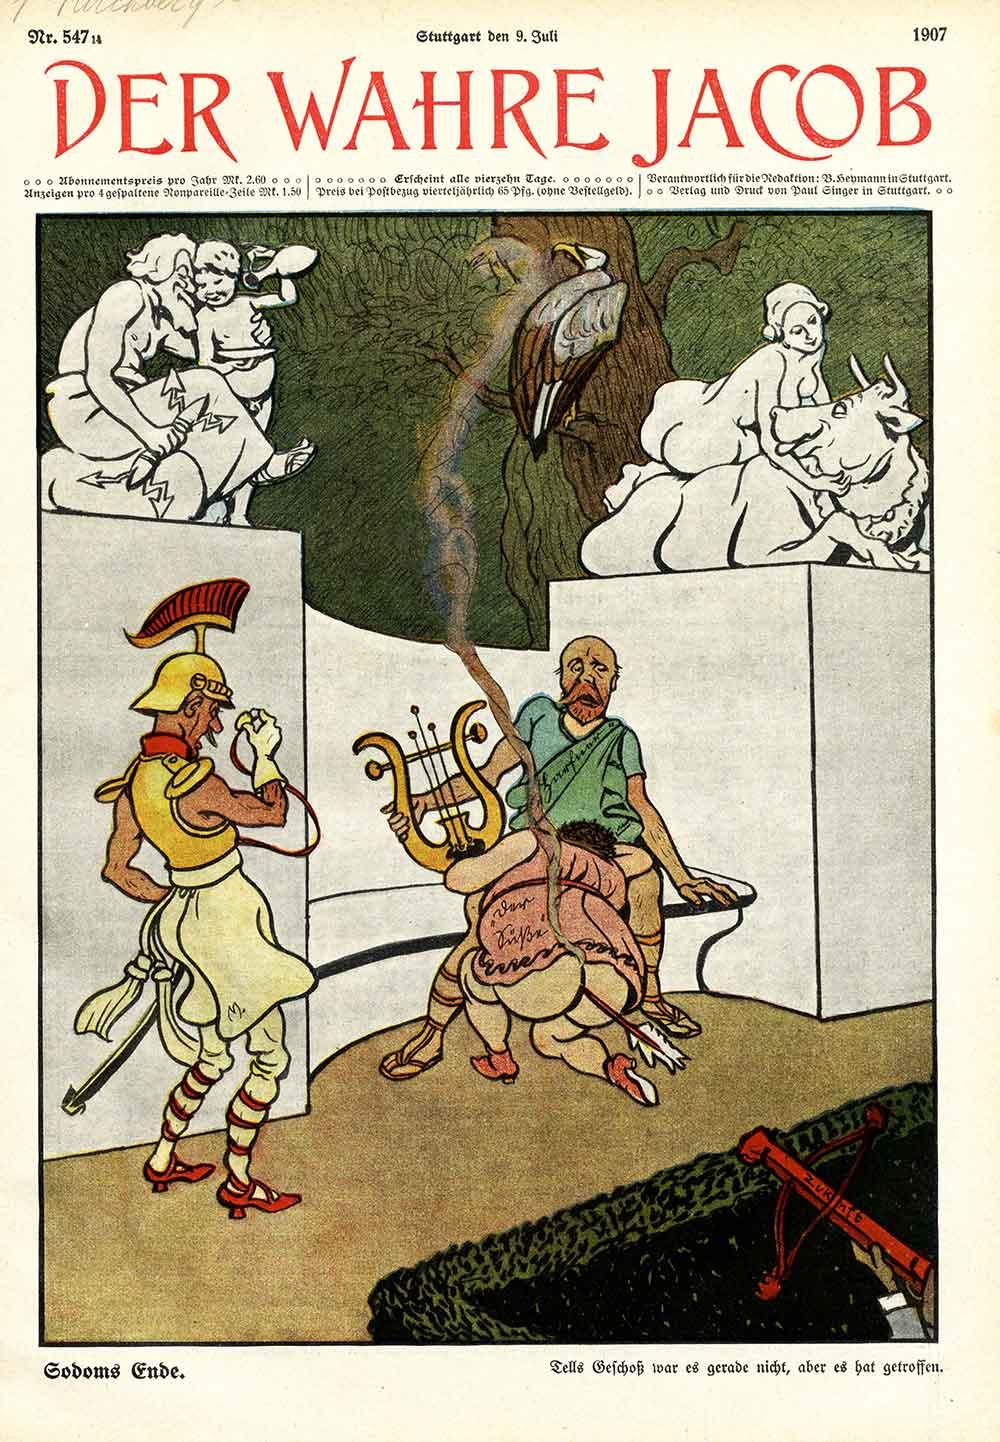 Des Kaisers schmutzige Wäsche – Wilhelm II. Frieden oder Krieg?